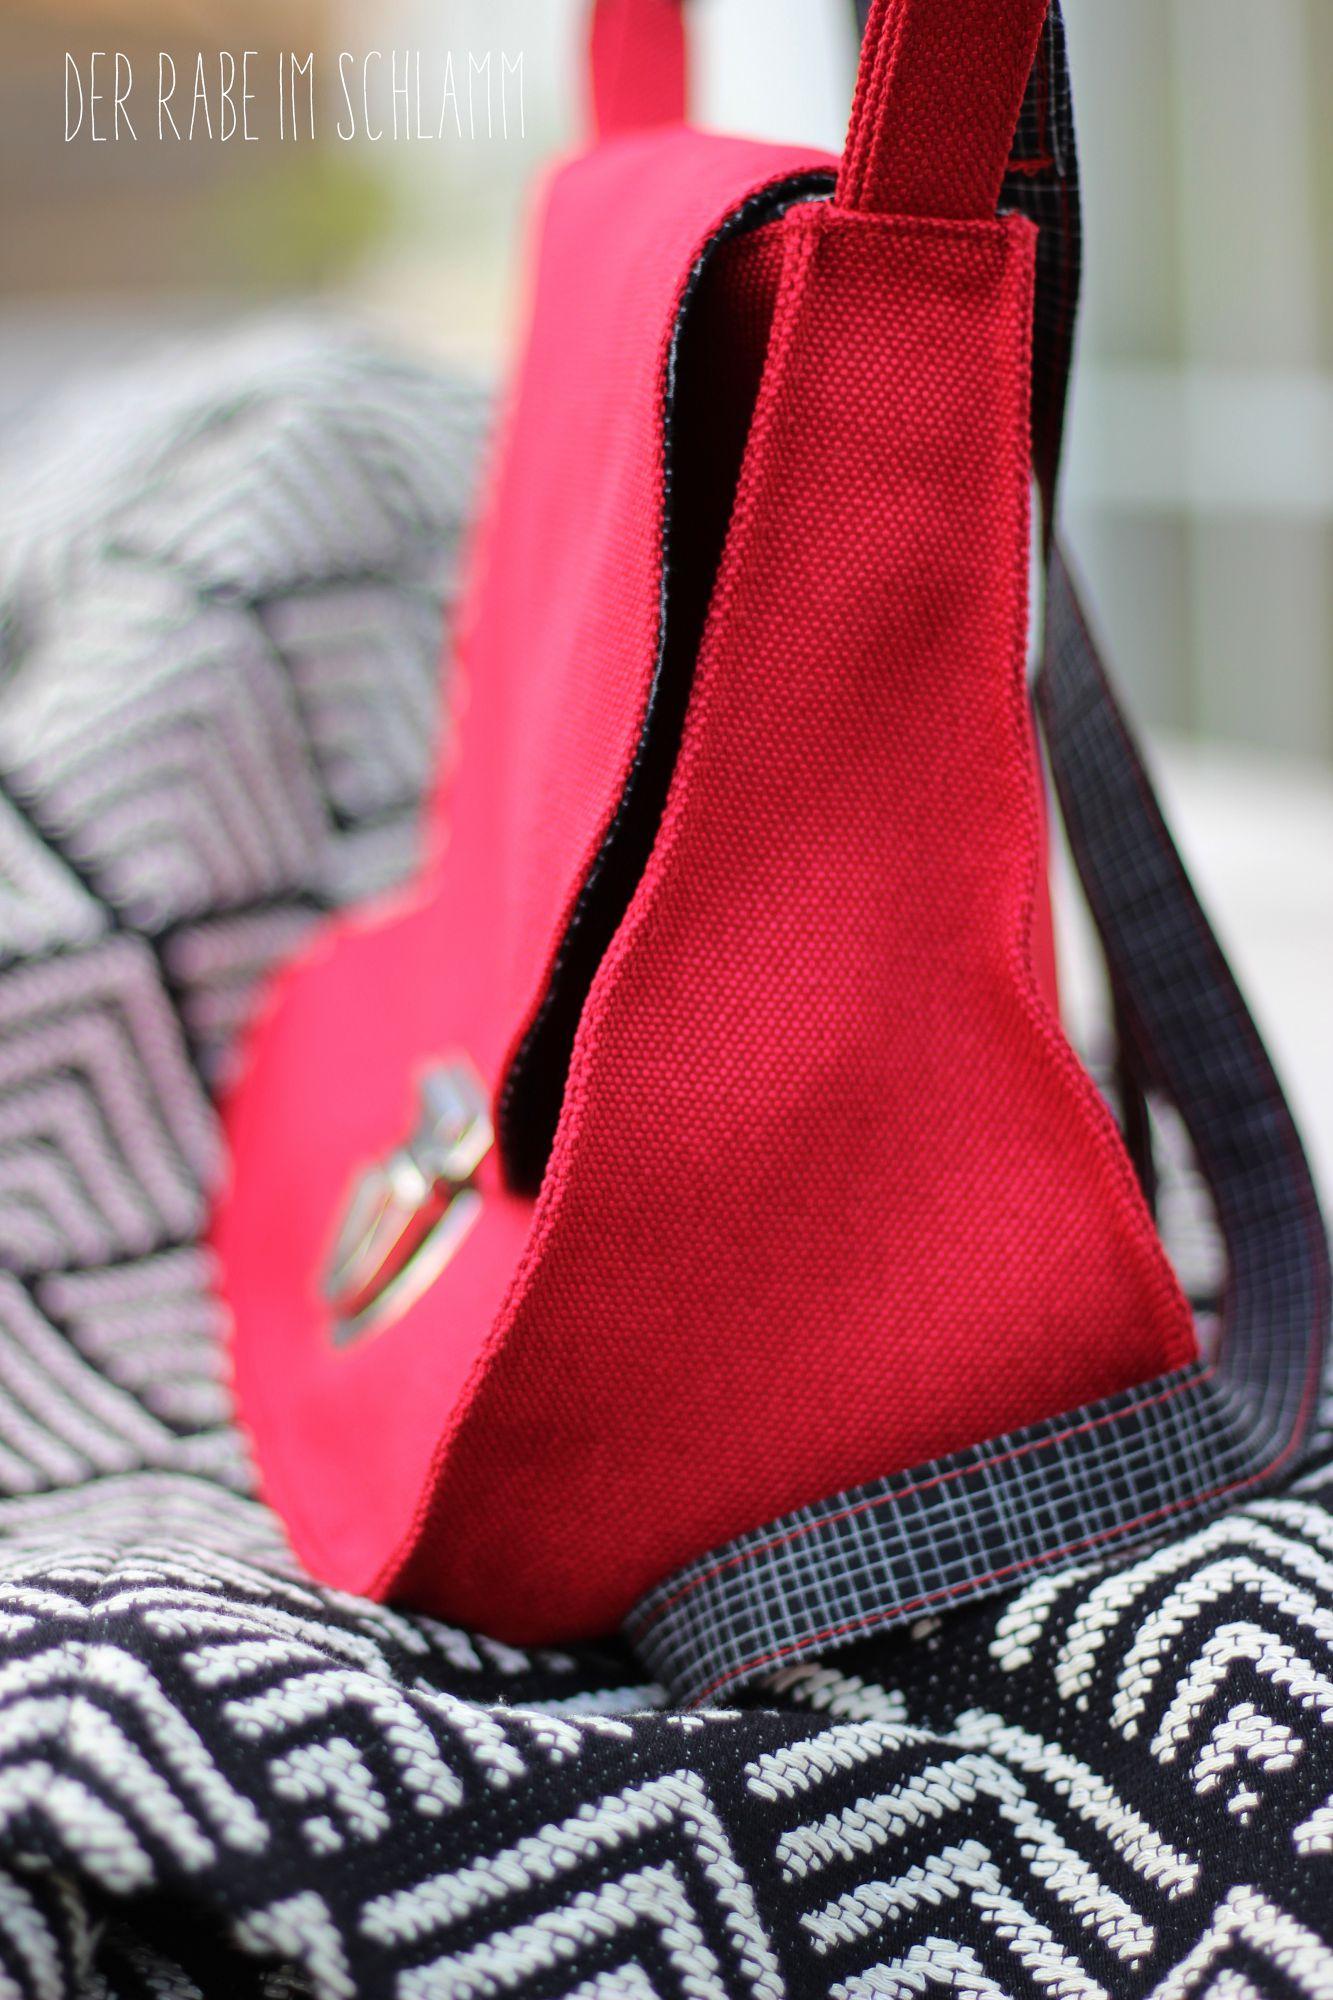 Der Rabe im Schlamm, Zirkeltasche, Taschenspieler 3, farbenmix, Nähen, Taschen